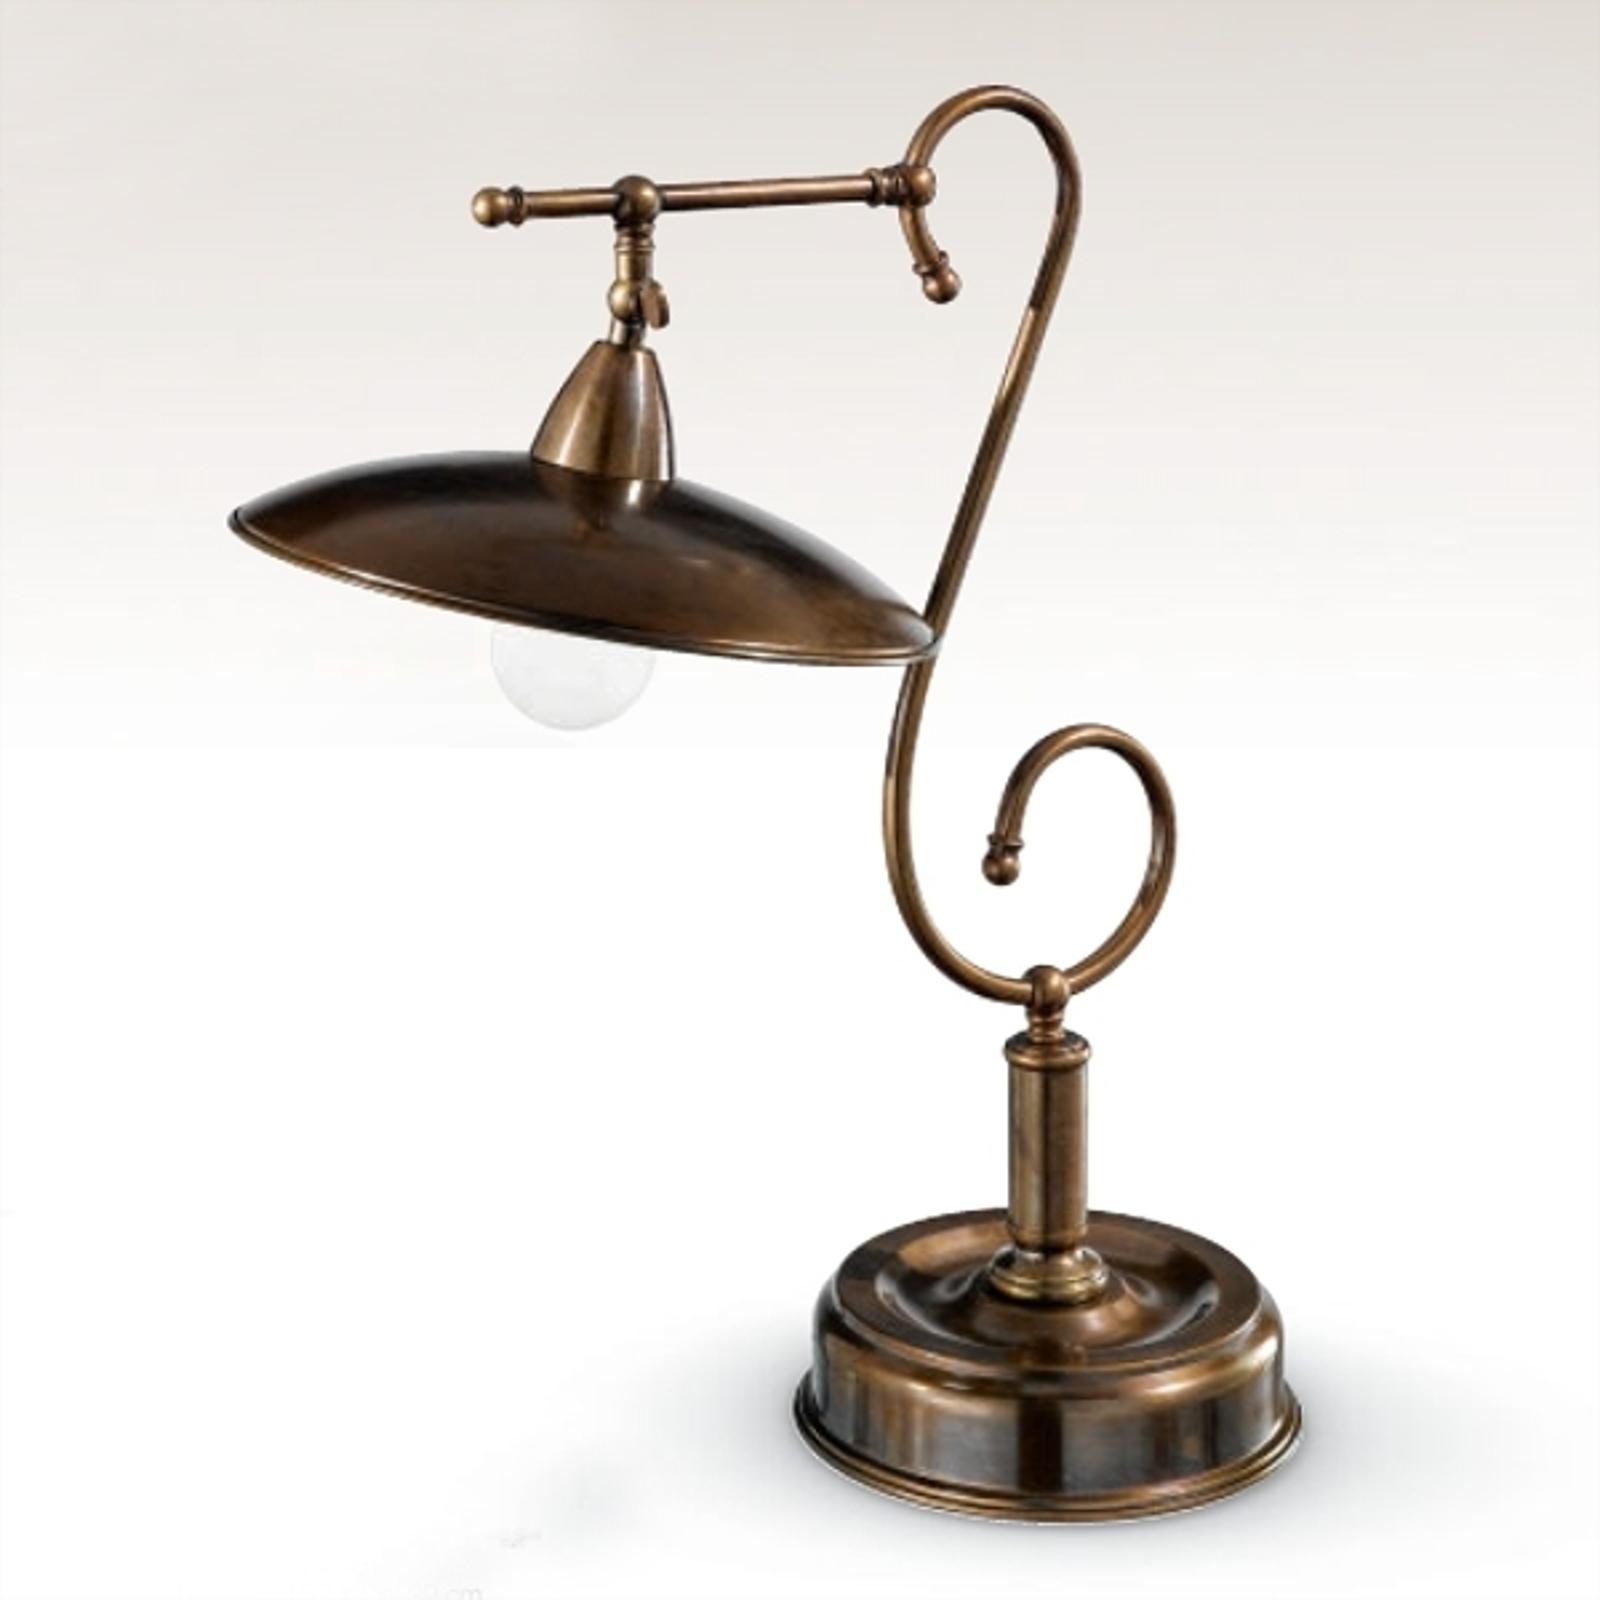 Bordslampa Taverna i italiensk stil